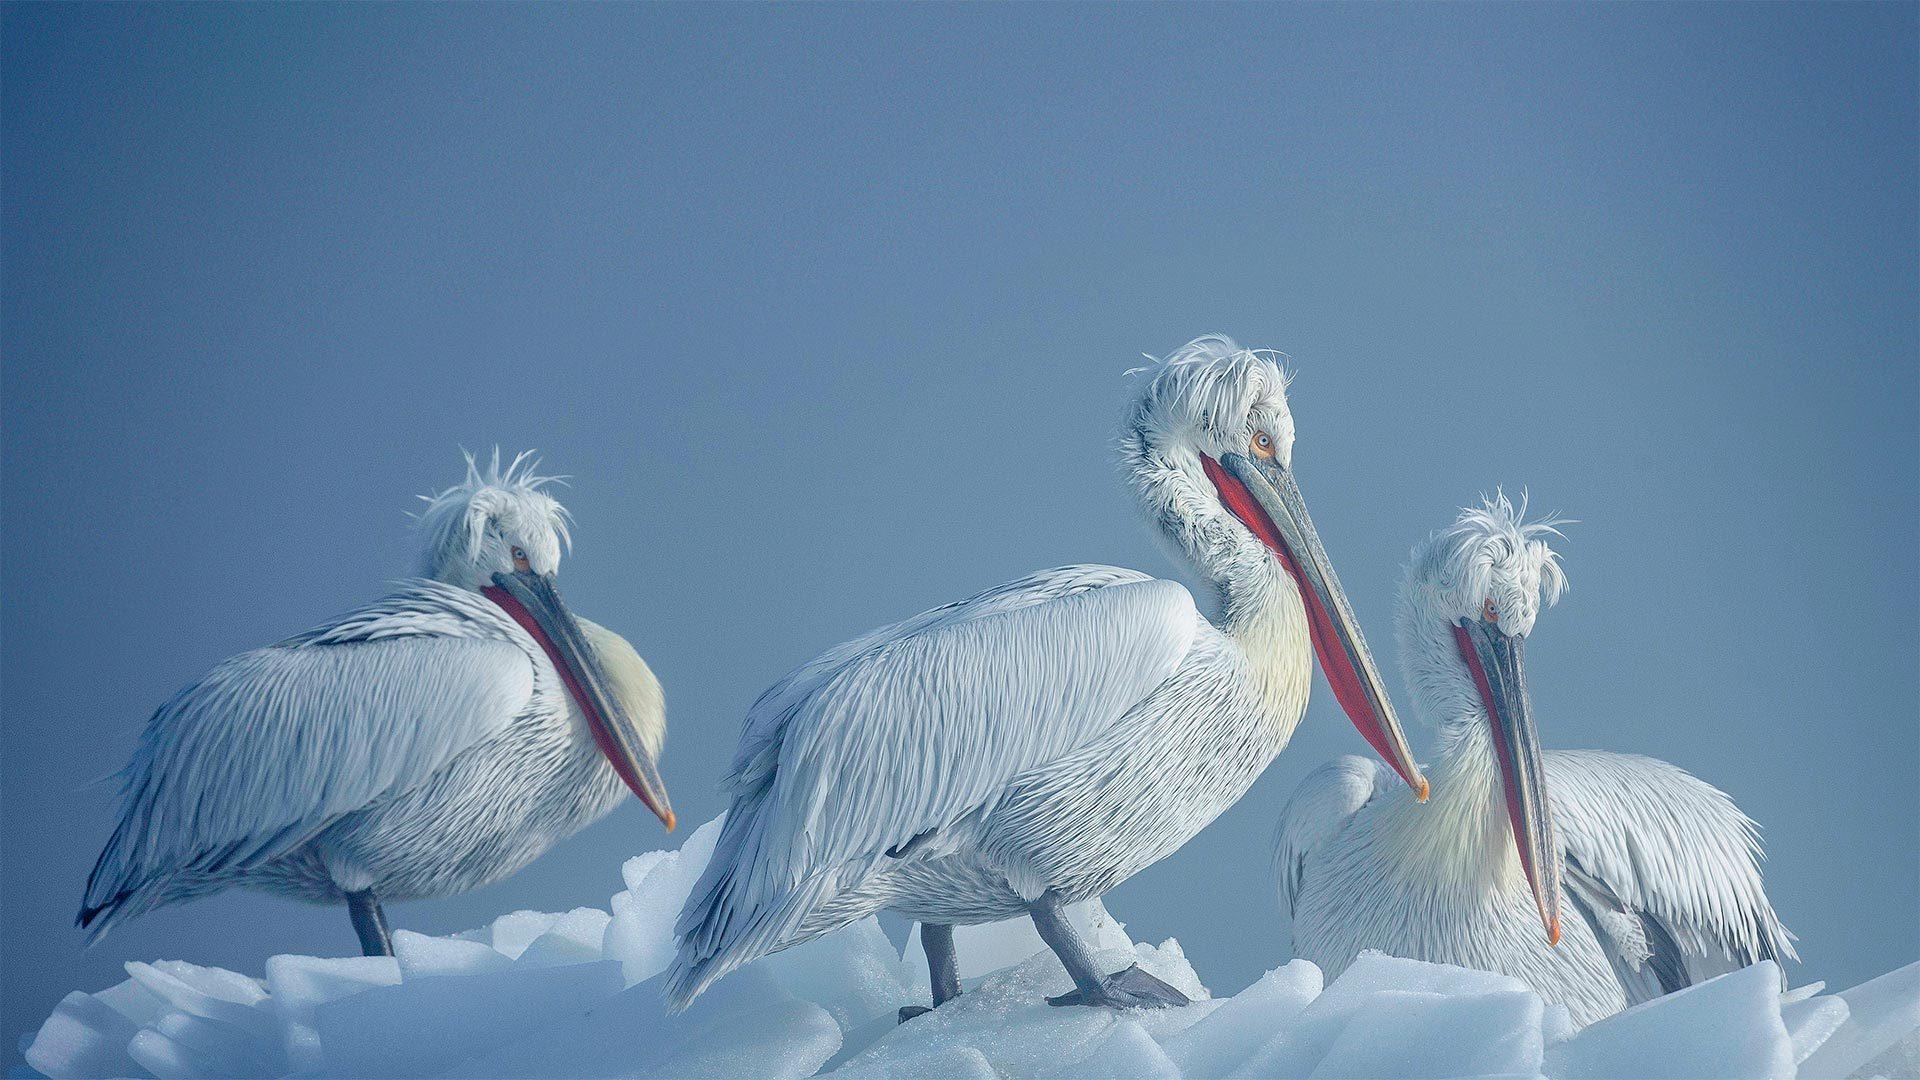 冰上的卷羽鹈鹕卷羽鹈鹕